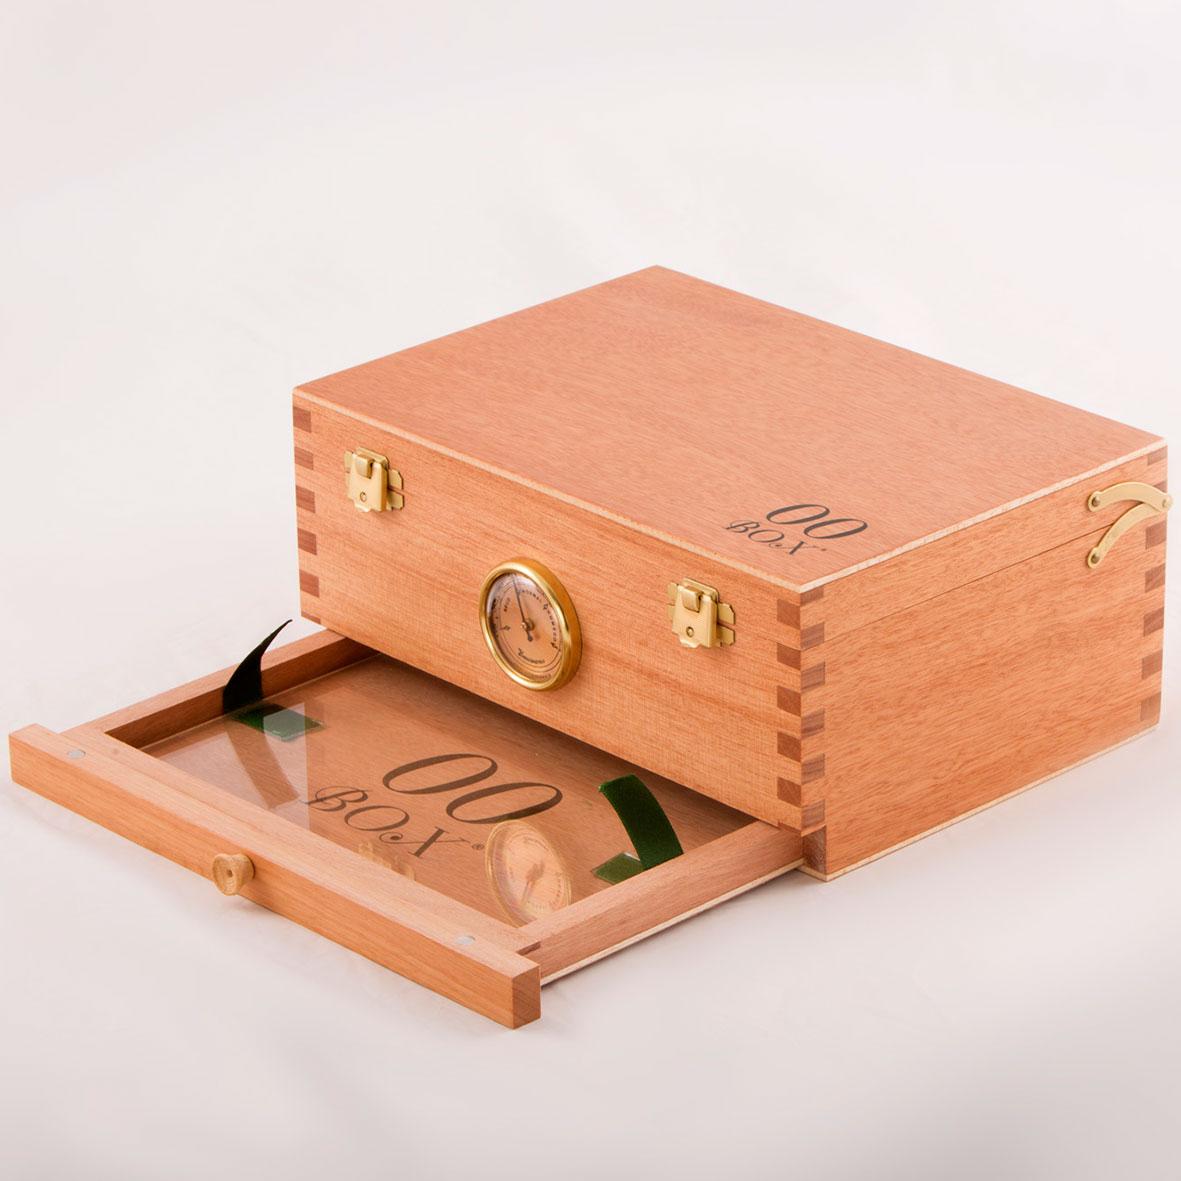 00box caja pequeña 01